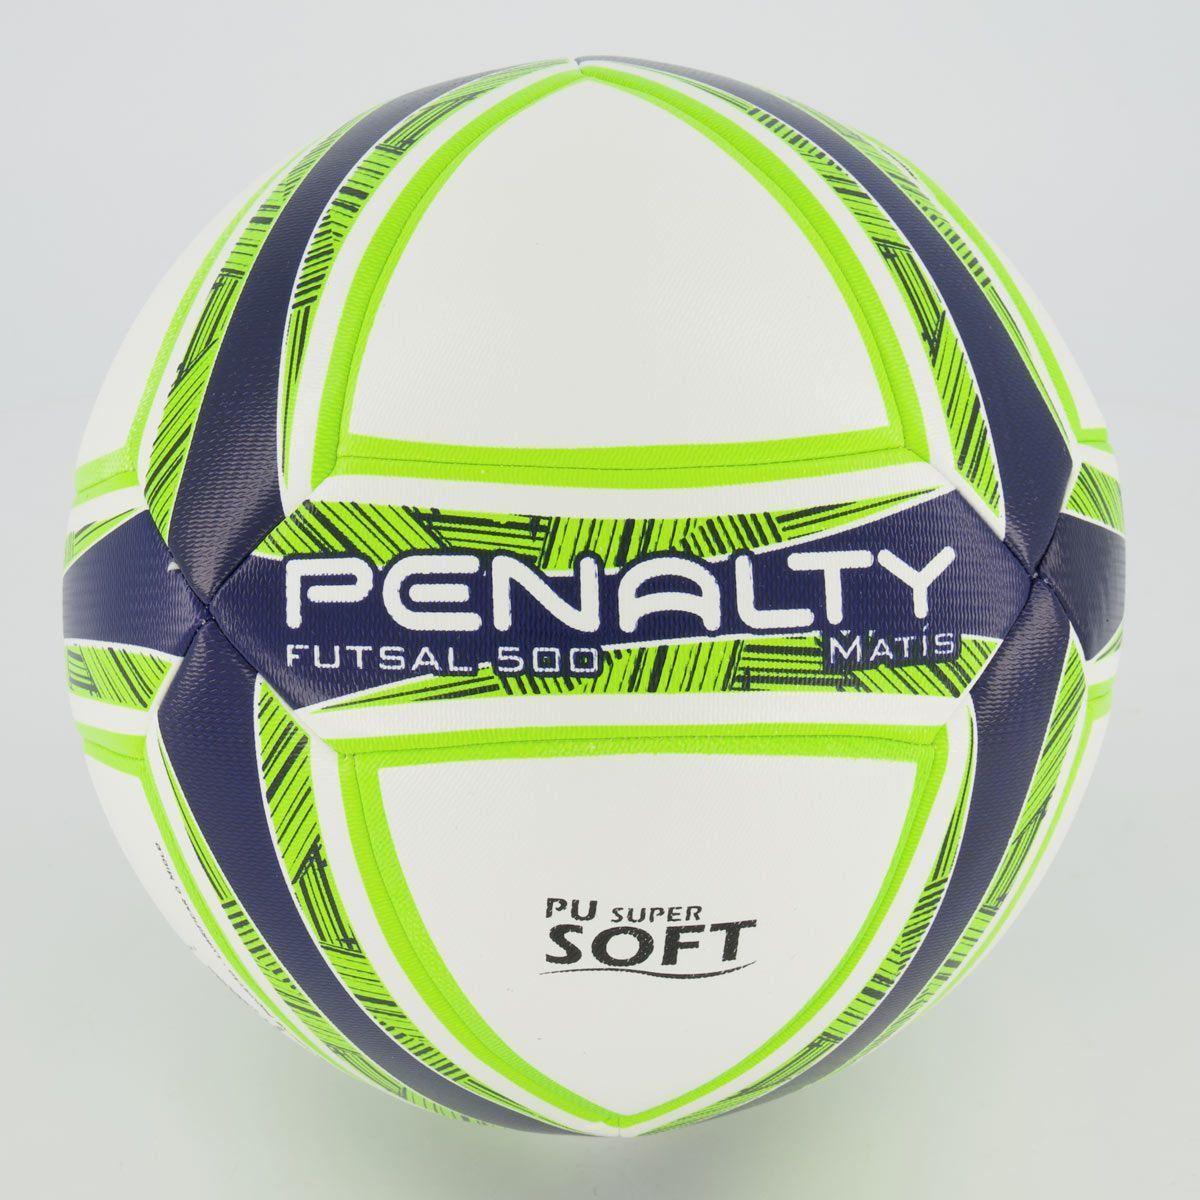 Cupom de desconto Bola Penalty Matís DT 500 X Futsal Amarela e Marinho